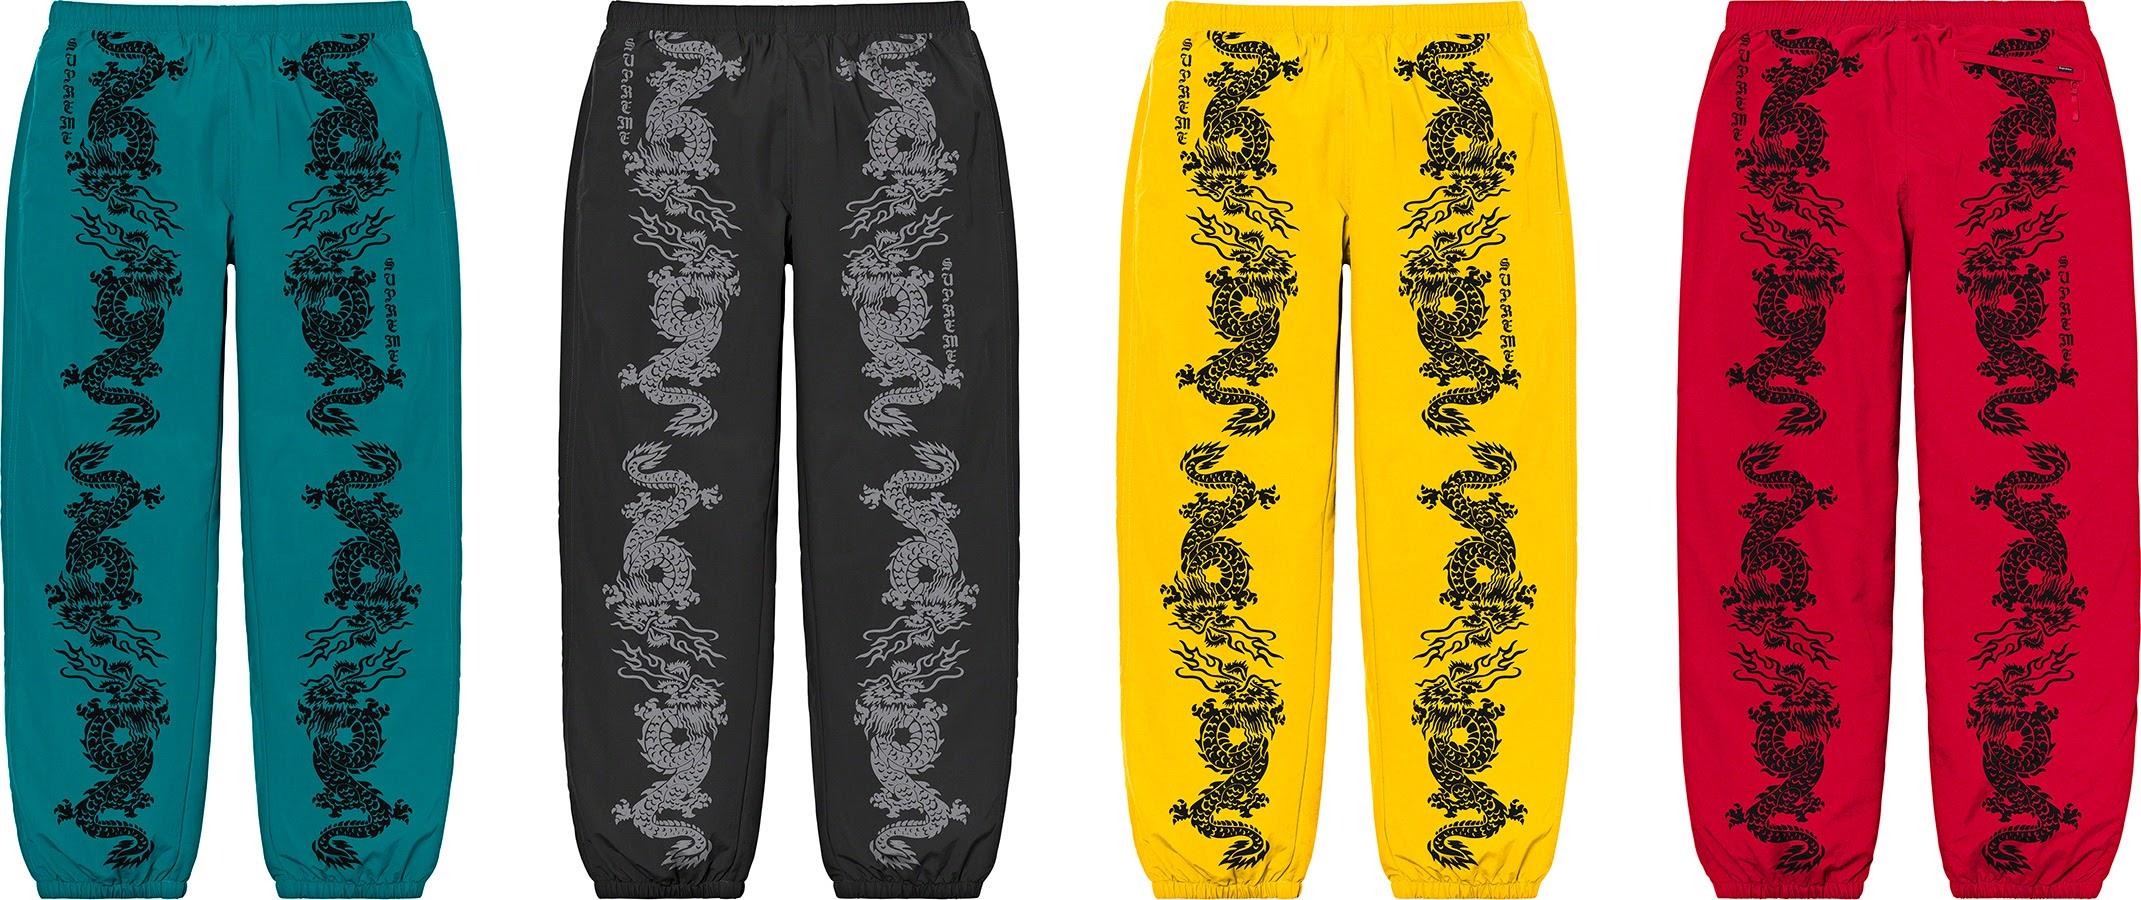 シュプリーム 2021年 春夏 新作 パンツ ショーツ Supreme 2021ss pants shorts 一覧 dragon Track pant